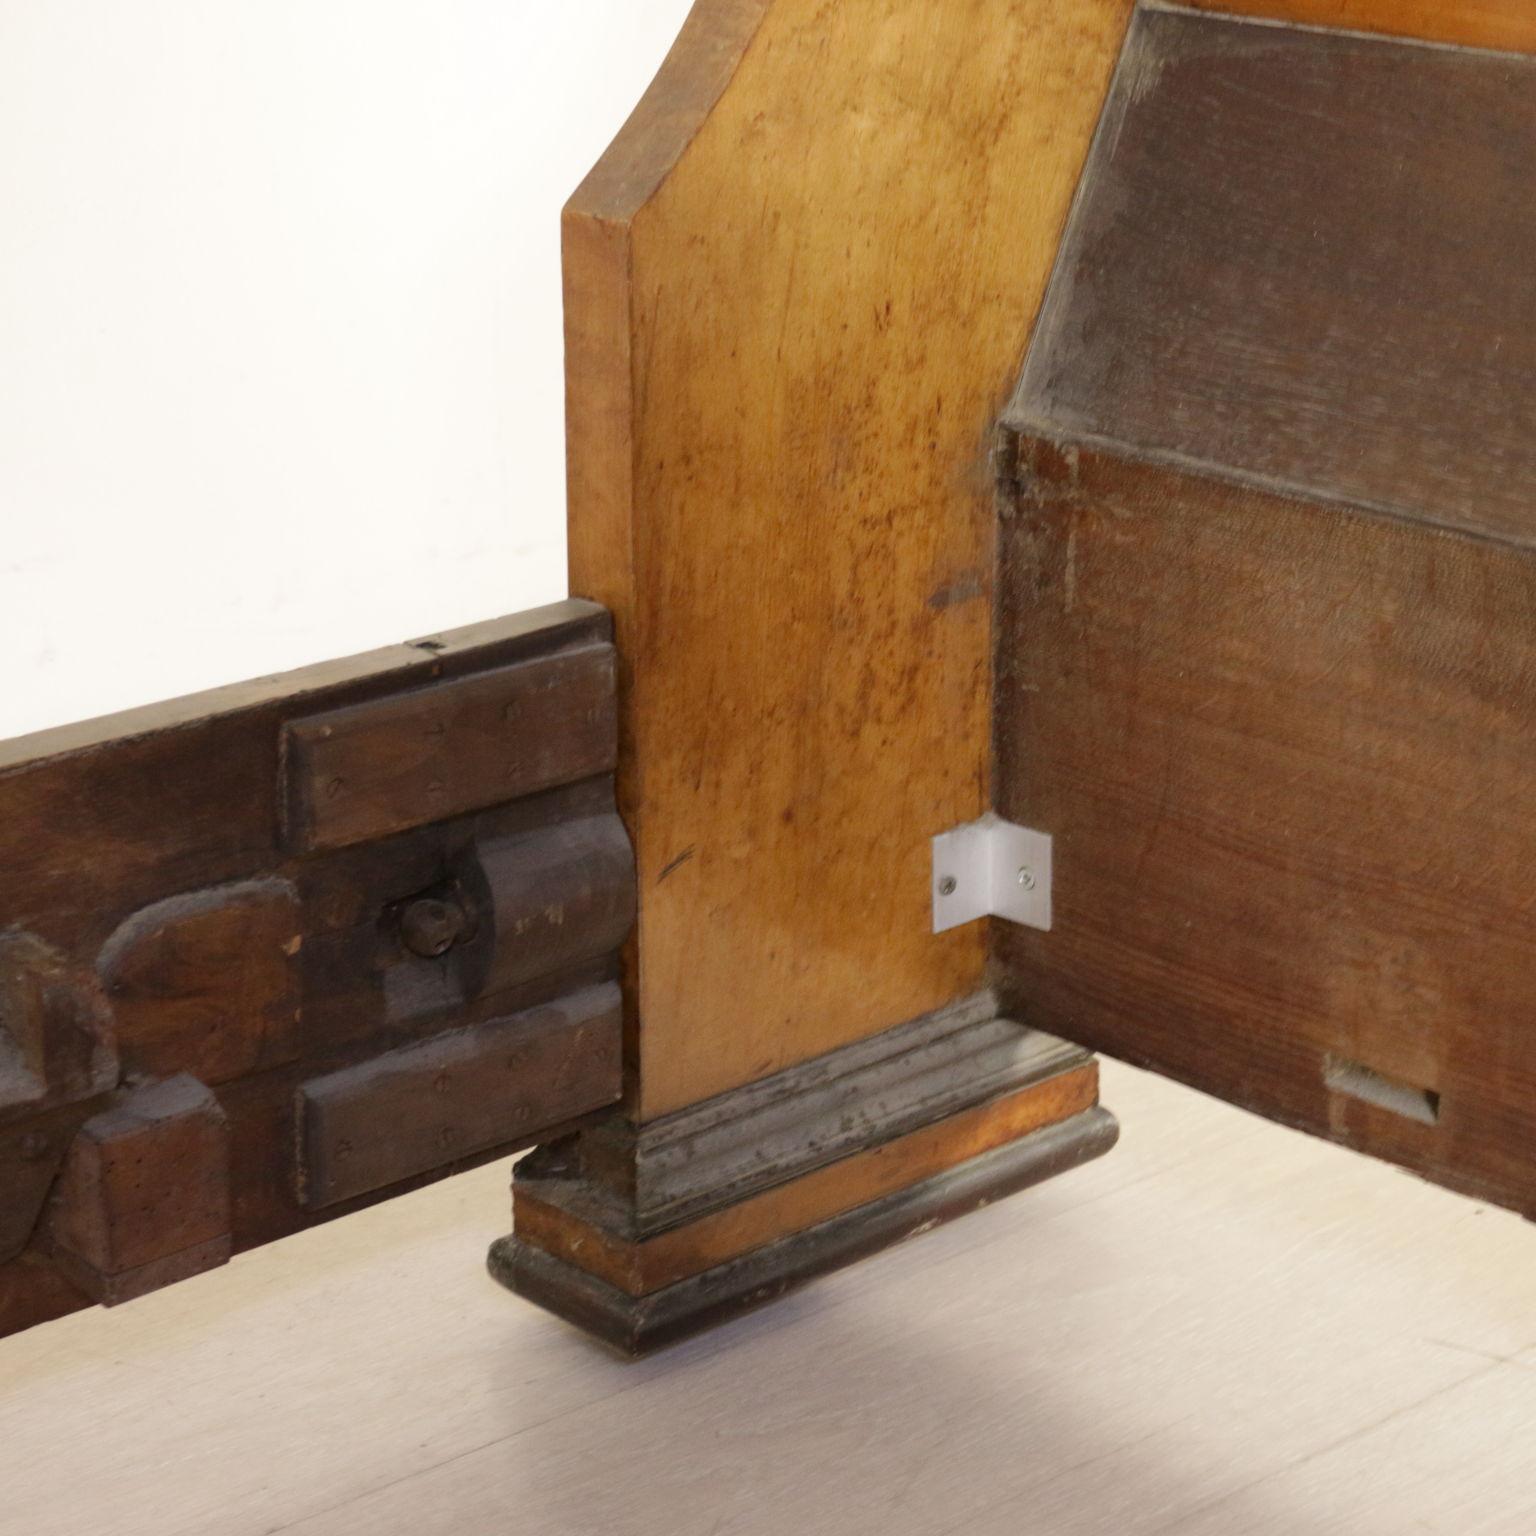 Bett in Boot-Carlo-X - Betten und Kopfteile - Antiquitäten ...